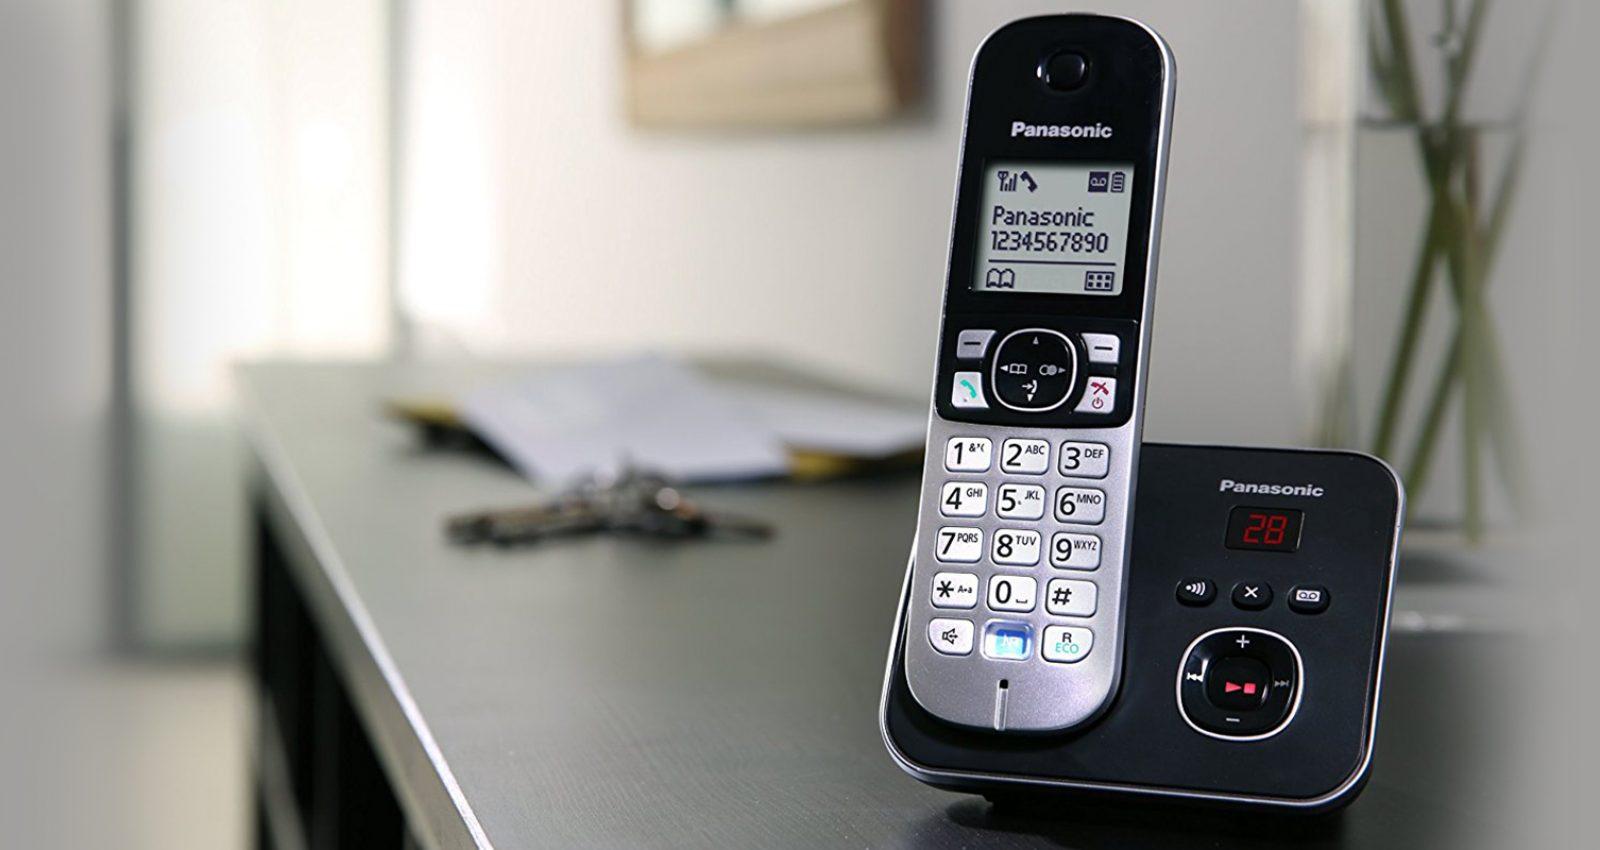 بنر معرفی محصول تلفن بيسيم پاناسونيک مدل KX-TG6821